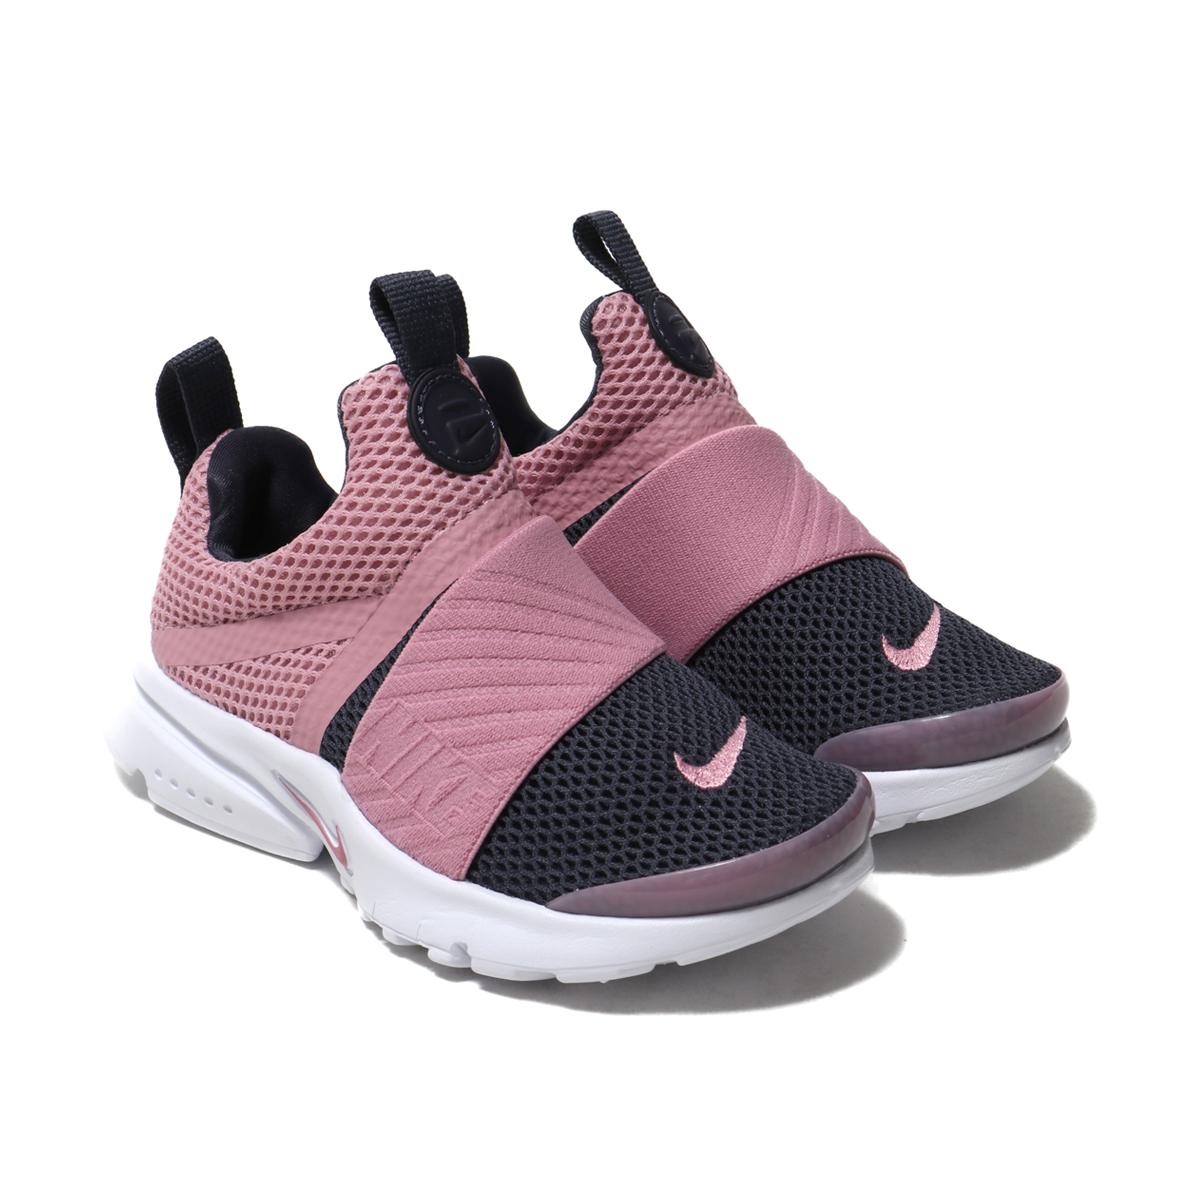 9ad09829657a atmos pink  NIKE PRESTO EXTREME (PS) (Nike presto extreme PS ...